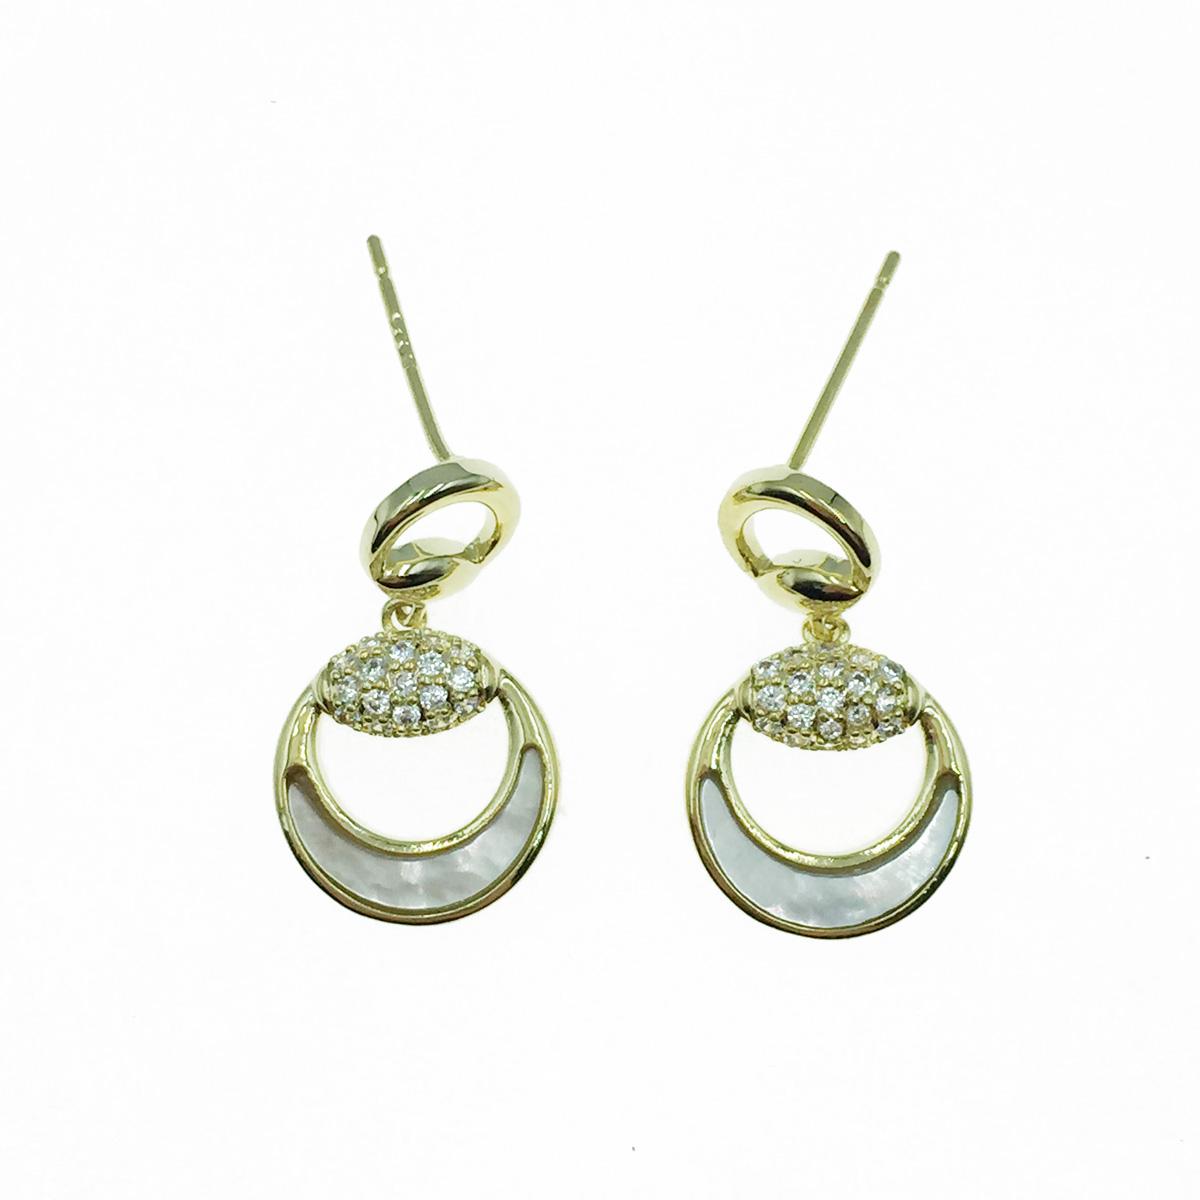 韓國 925純銀 簍空圓 水鑽 垂墜感 耳針式耳環